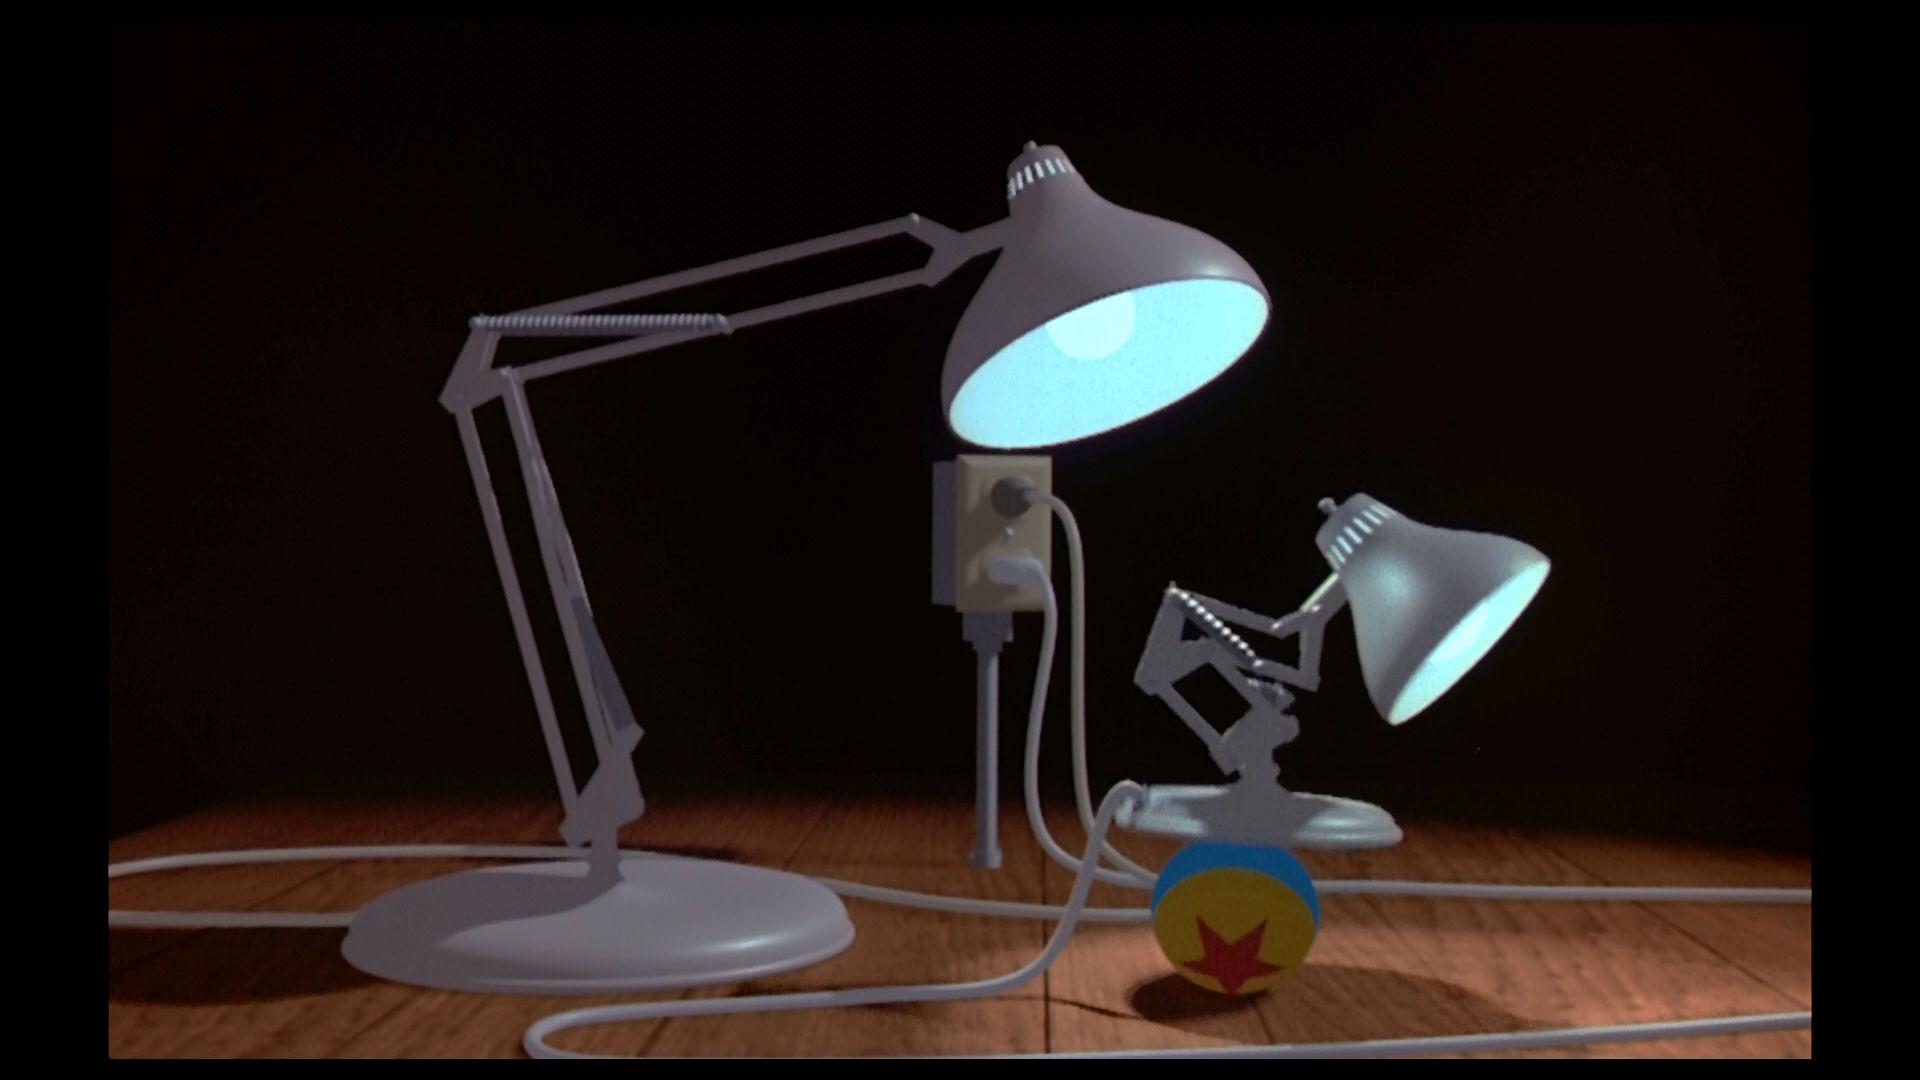 download pixar lamp wallpaper - photo #42